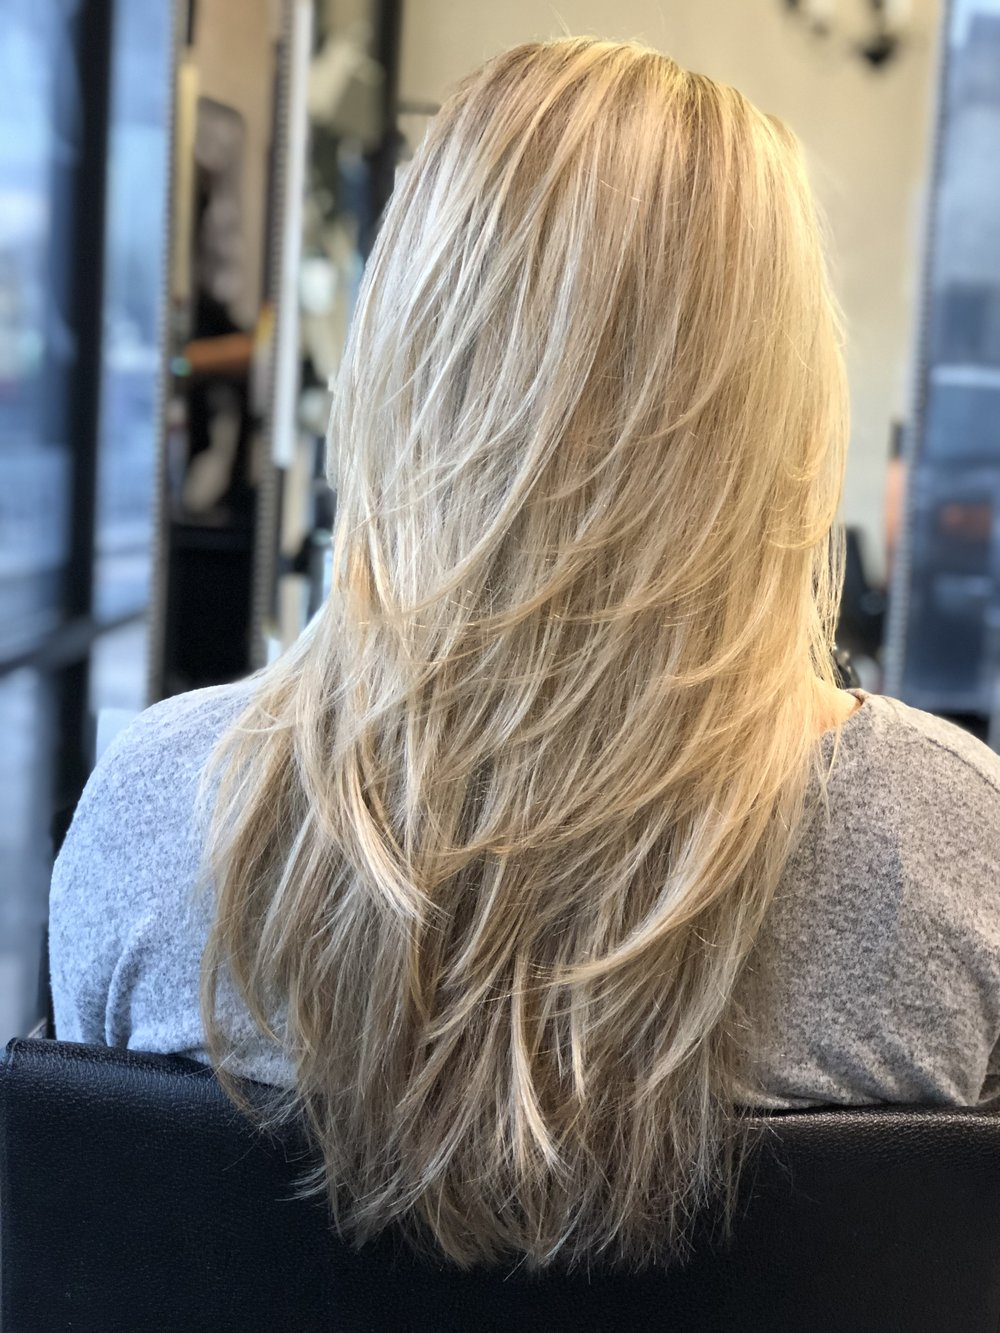 blonde-layered-hair-cut.jpg